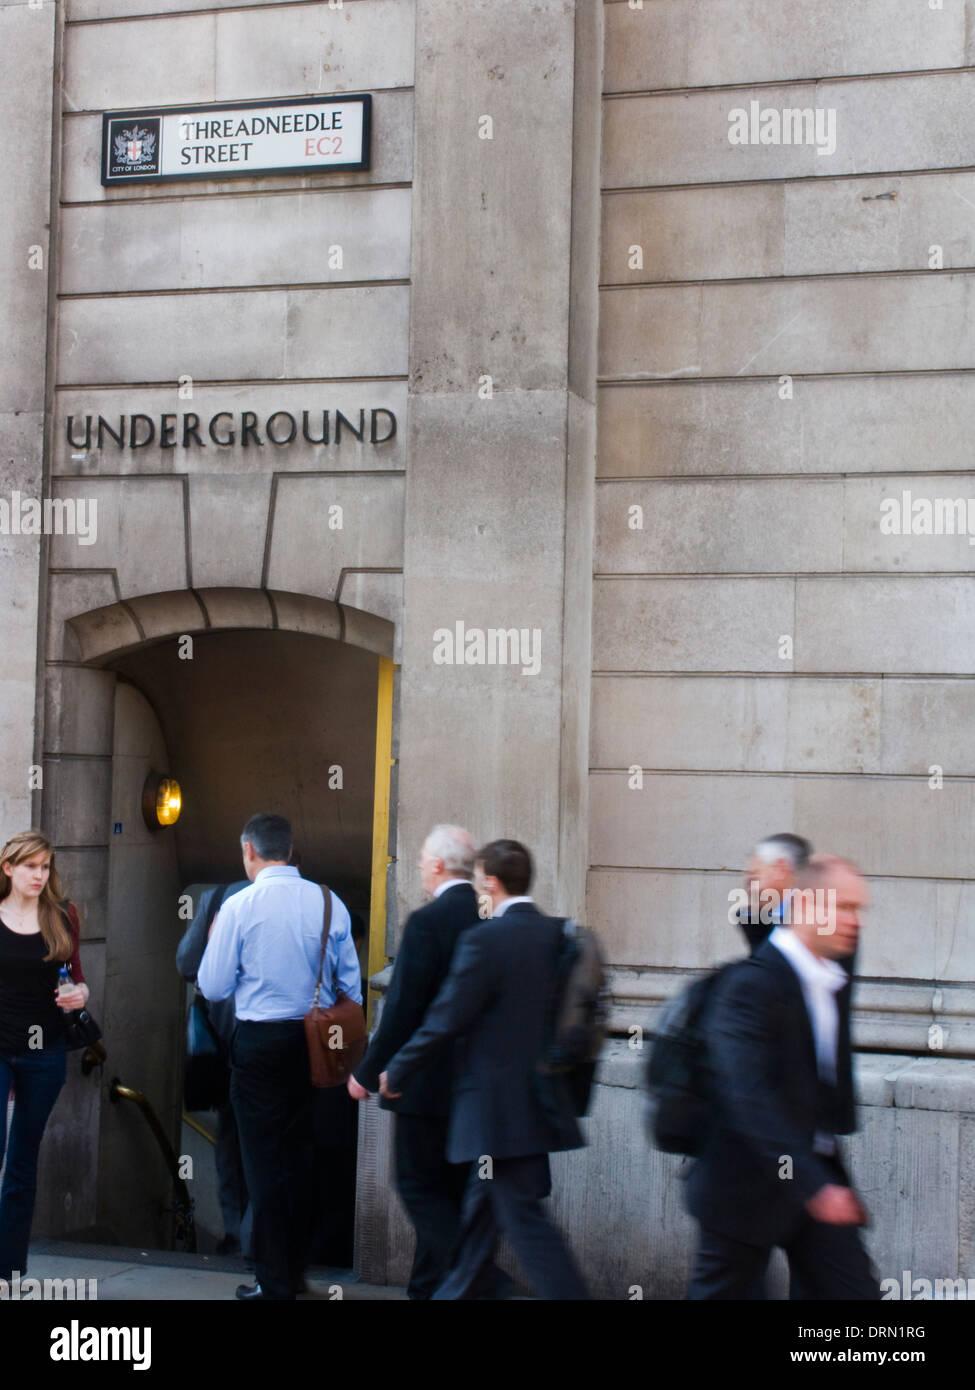 Threadneedle Street London Underground Tube Station Entrance - Stock Image